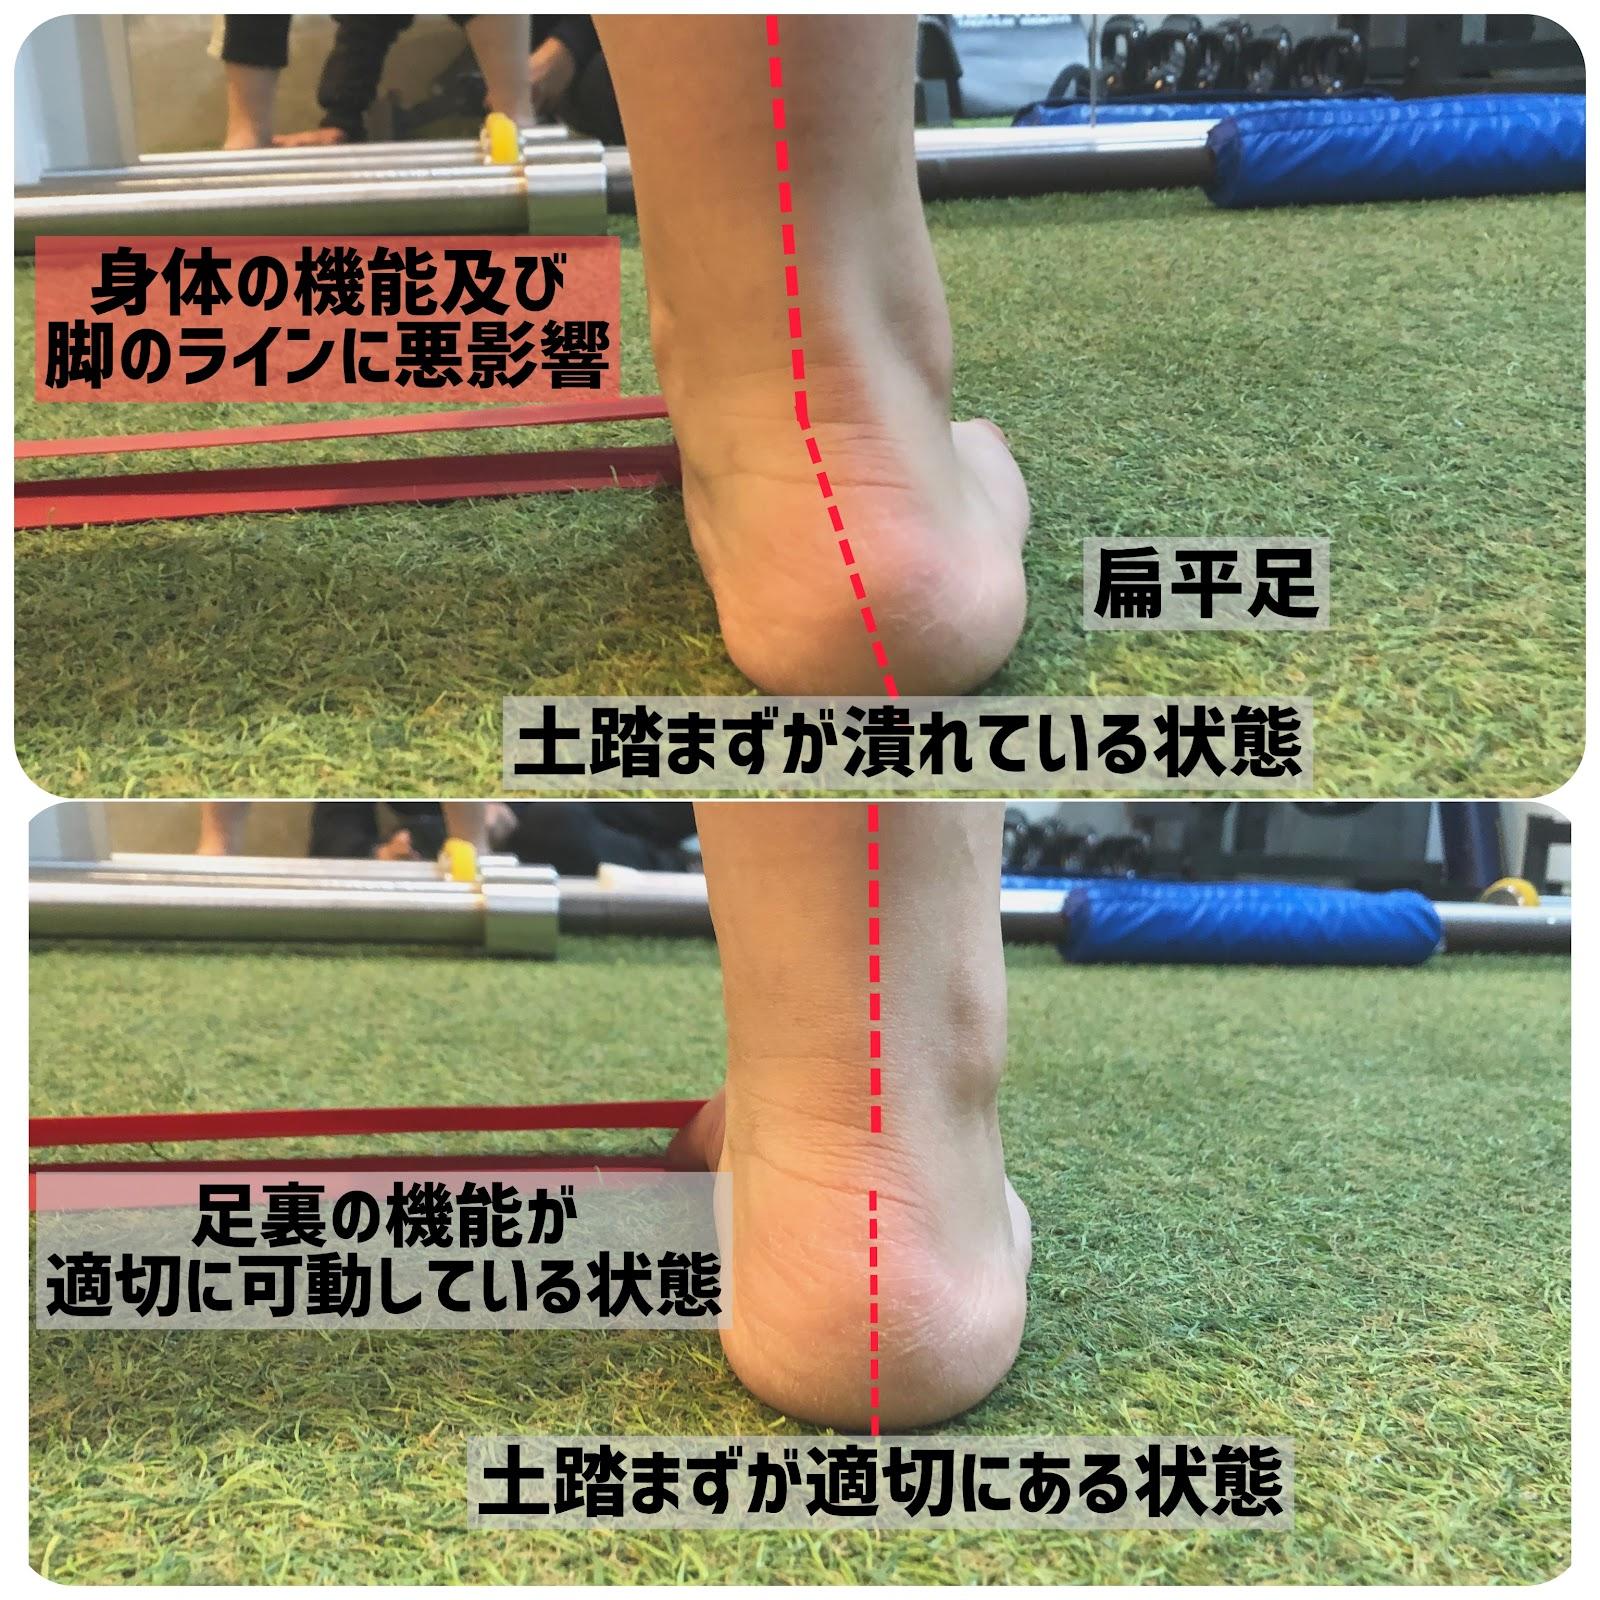 足裏の正しい使われ方